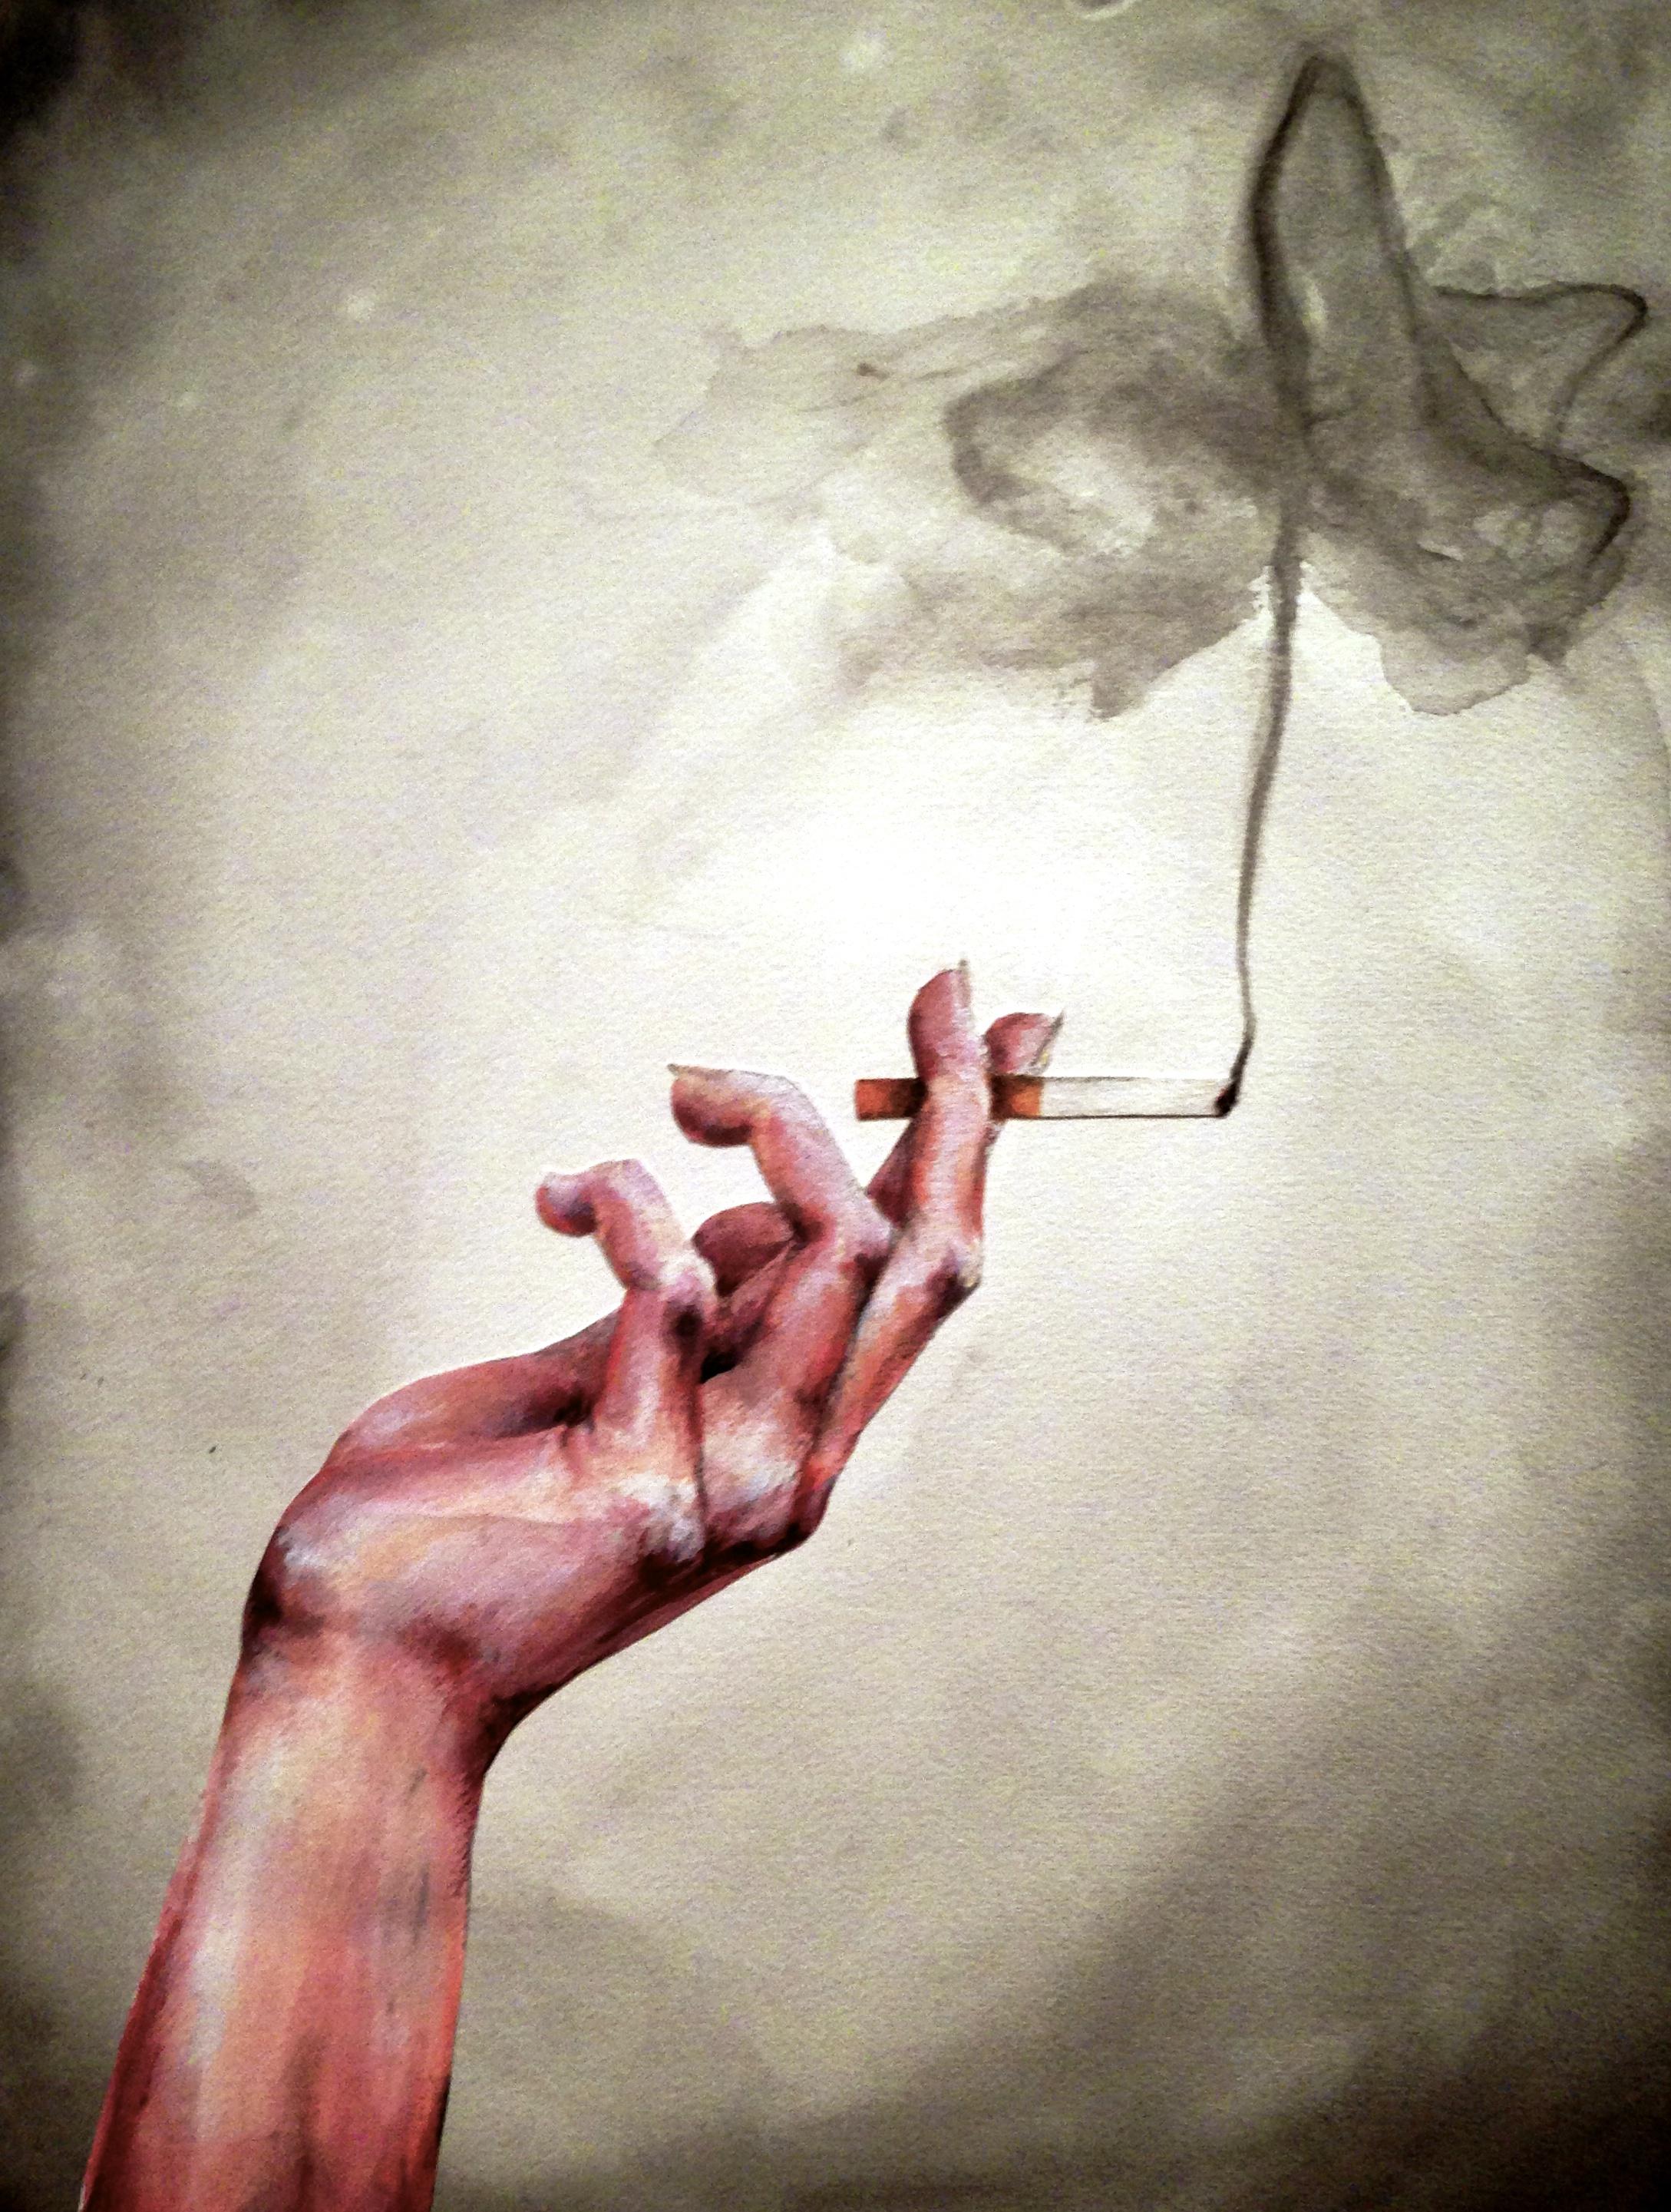 2177x2881 Hand Holding Cigarette In Watercolor Progression